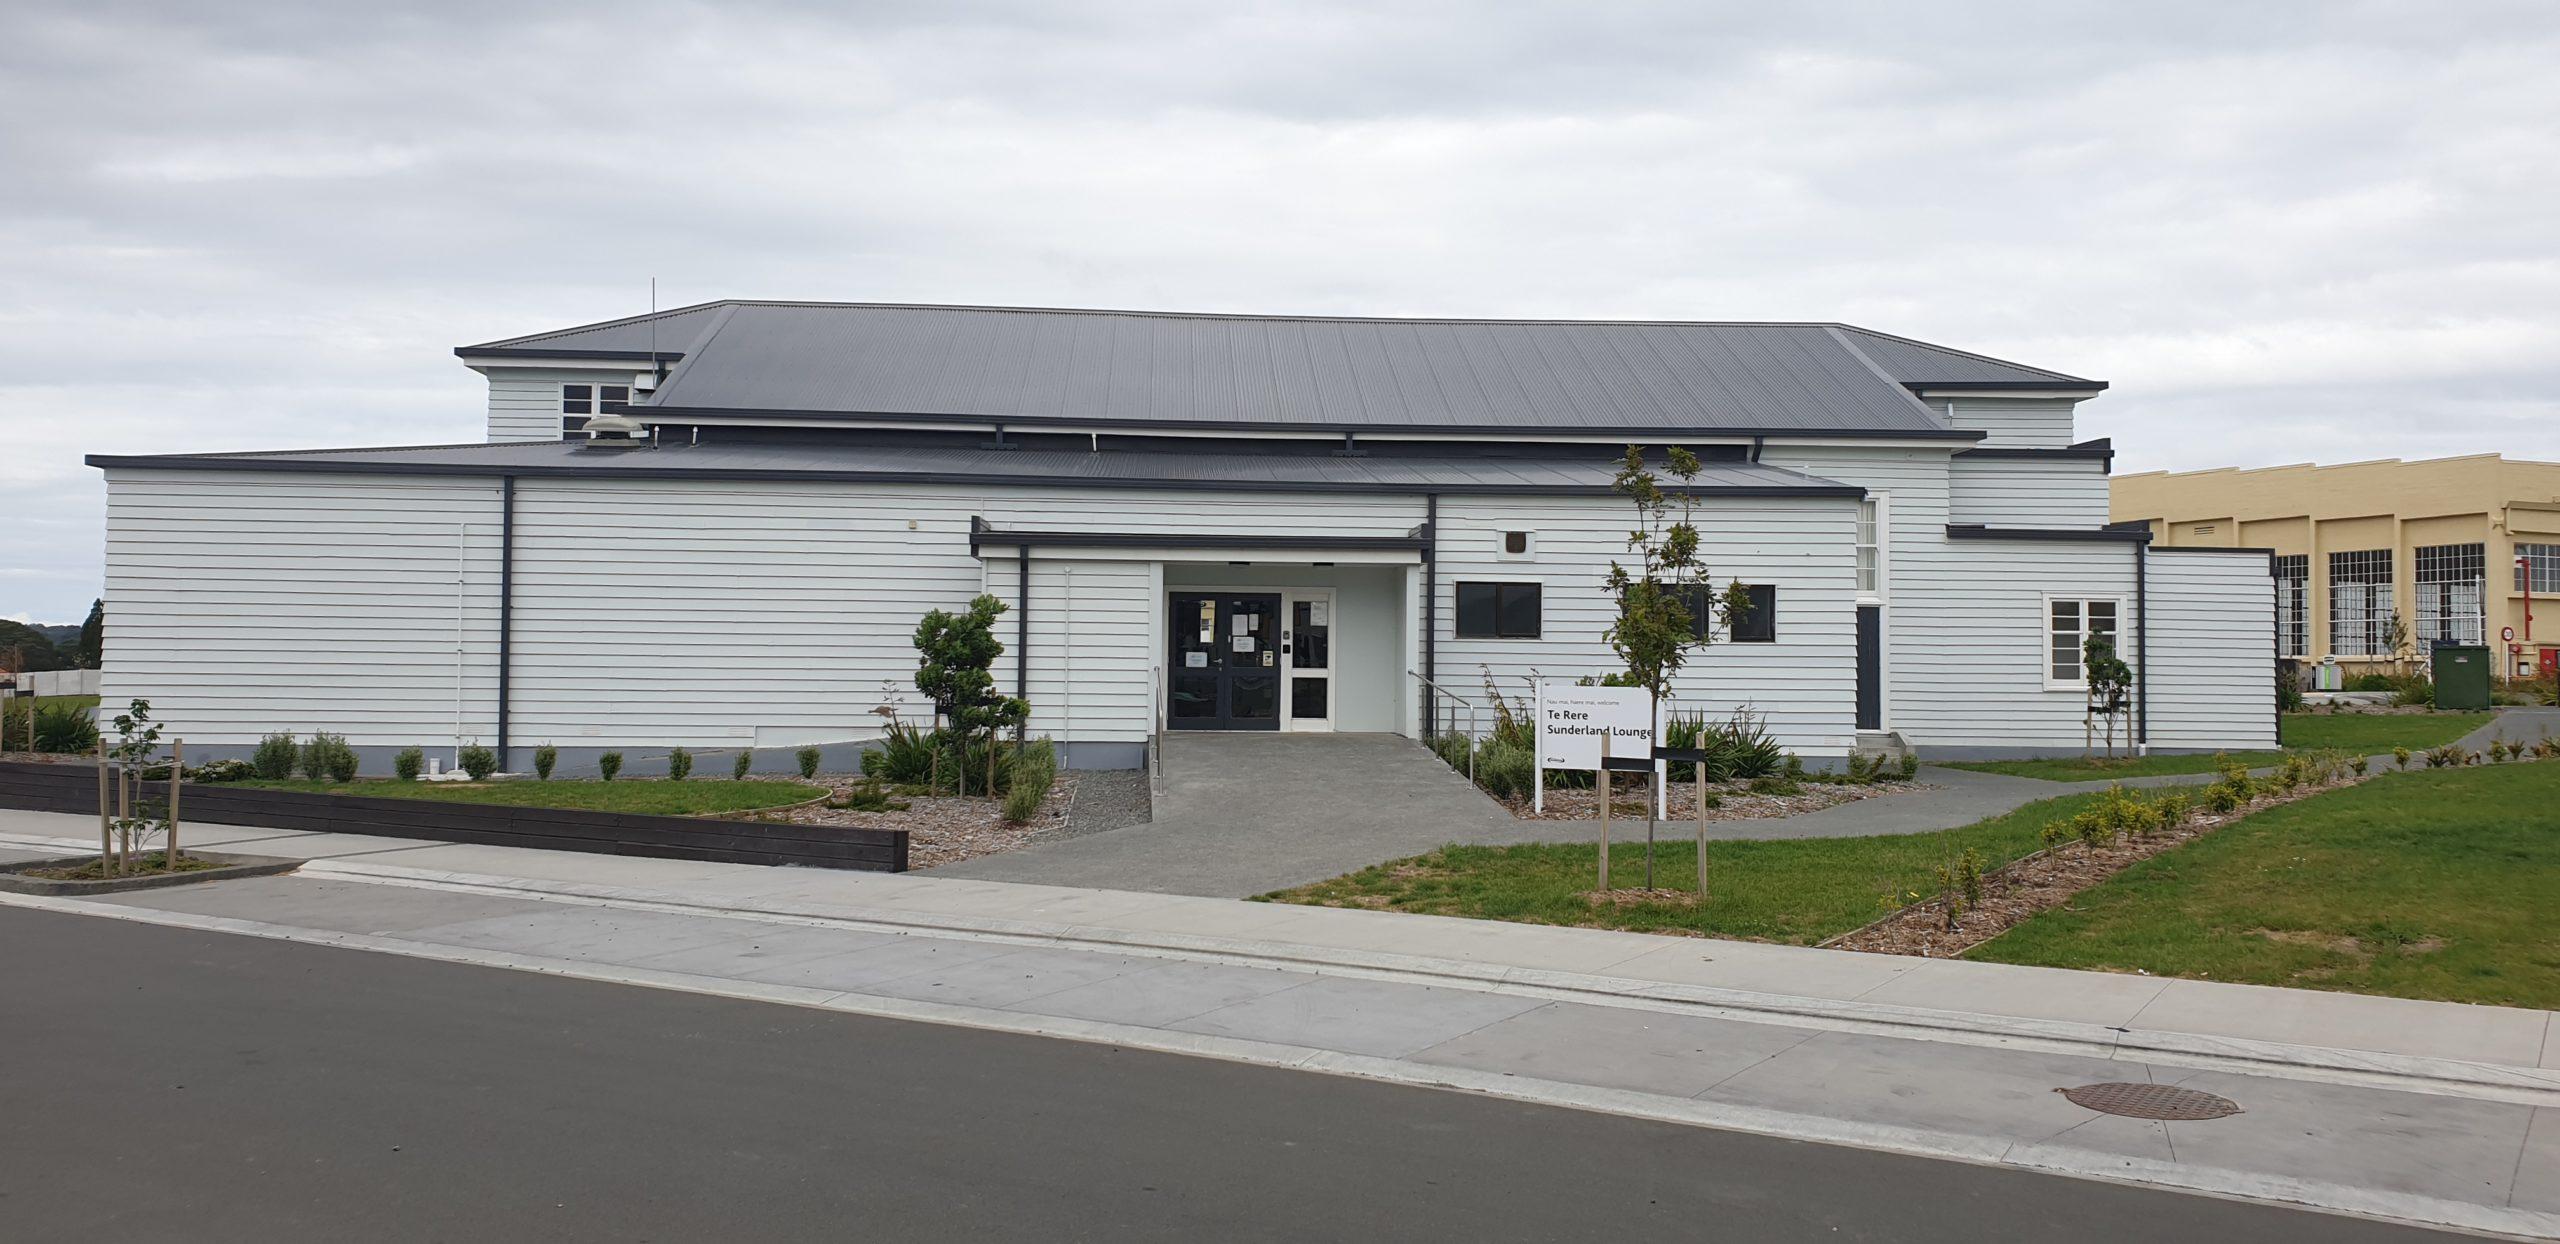 Sunderland Lounge - Main Entry